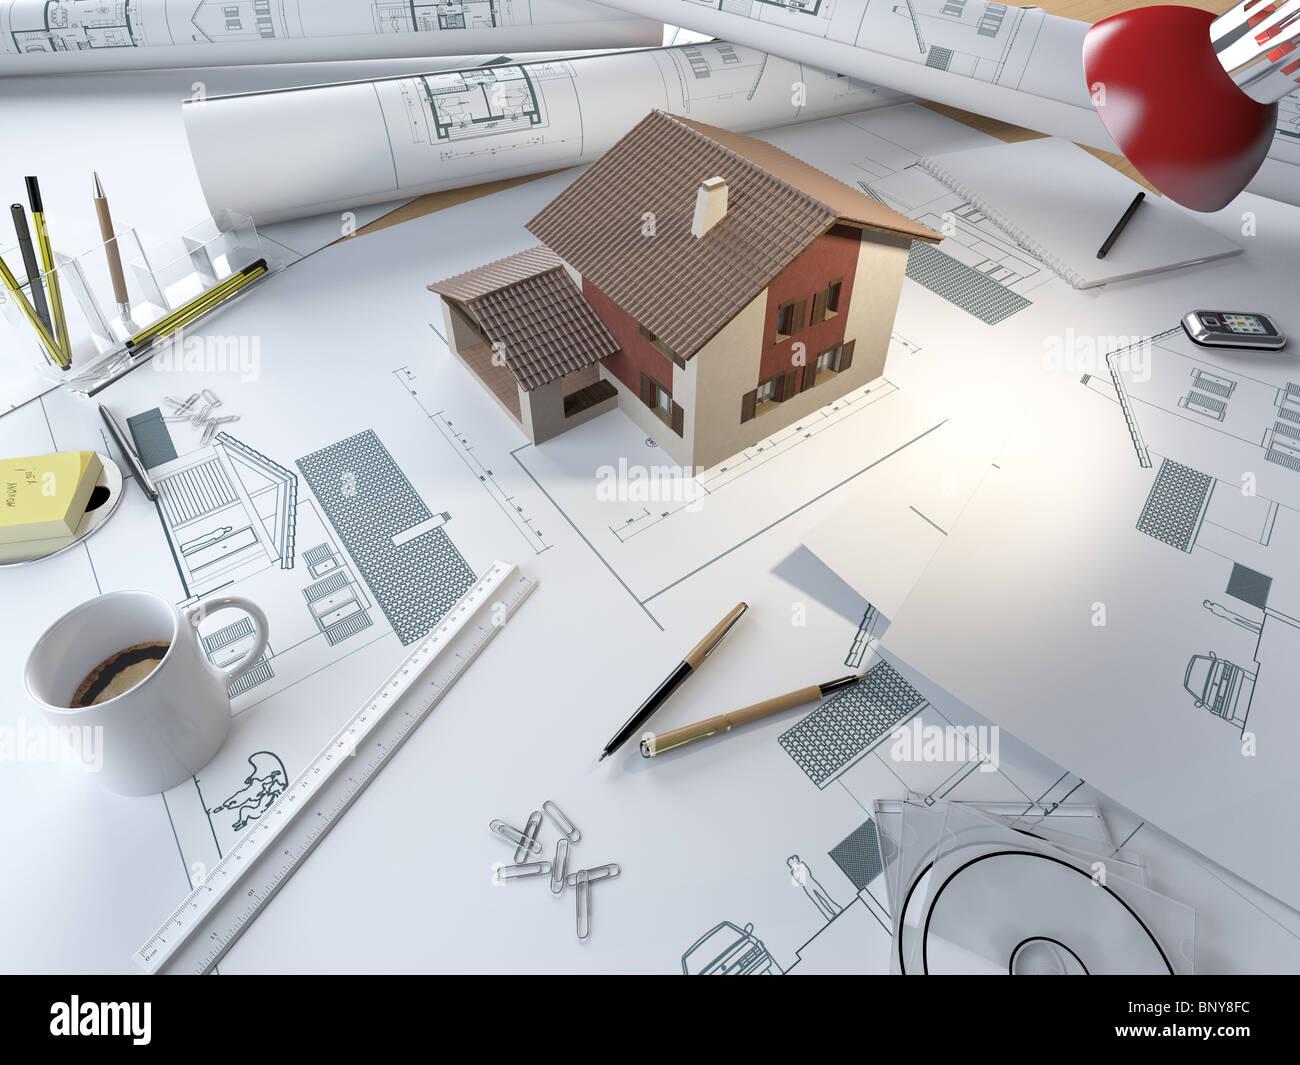 Zeichentisch eines Architekten mit Plänen und 3D-Modell eines Hauses Stockbild